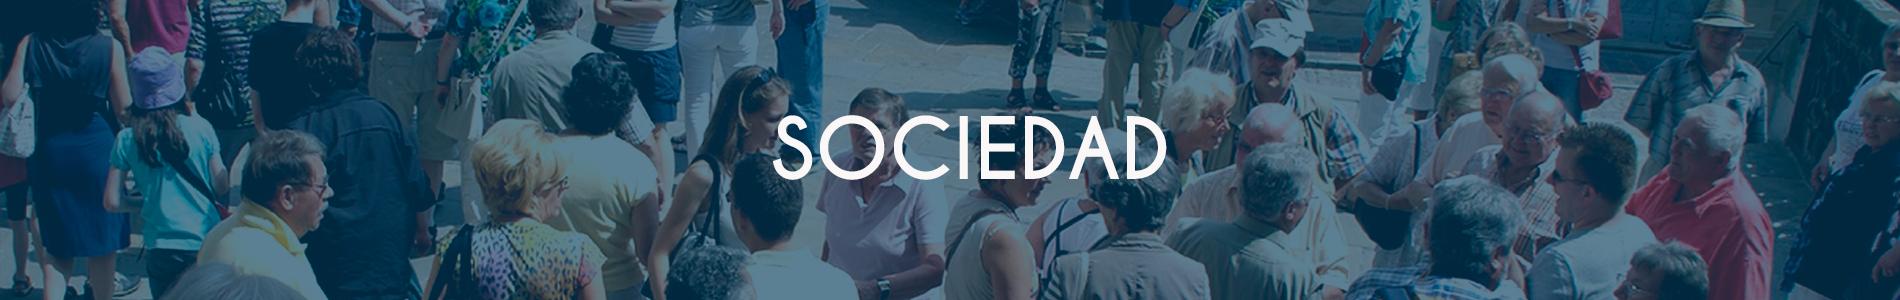 banner-sociedad-1900x300